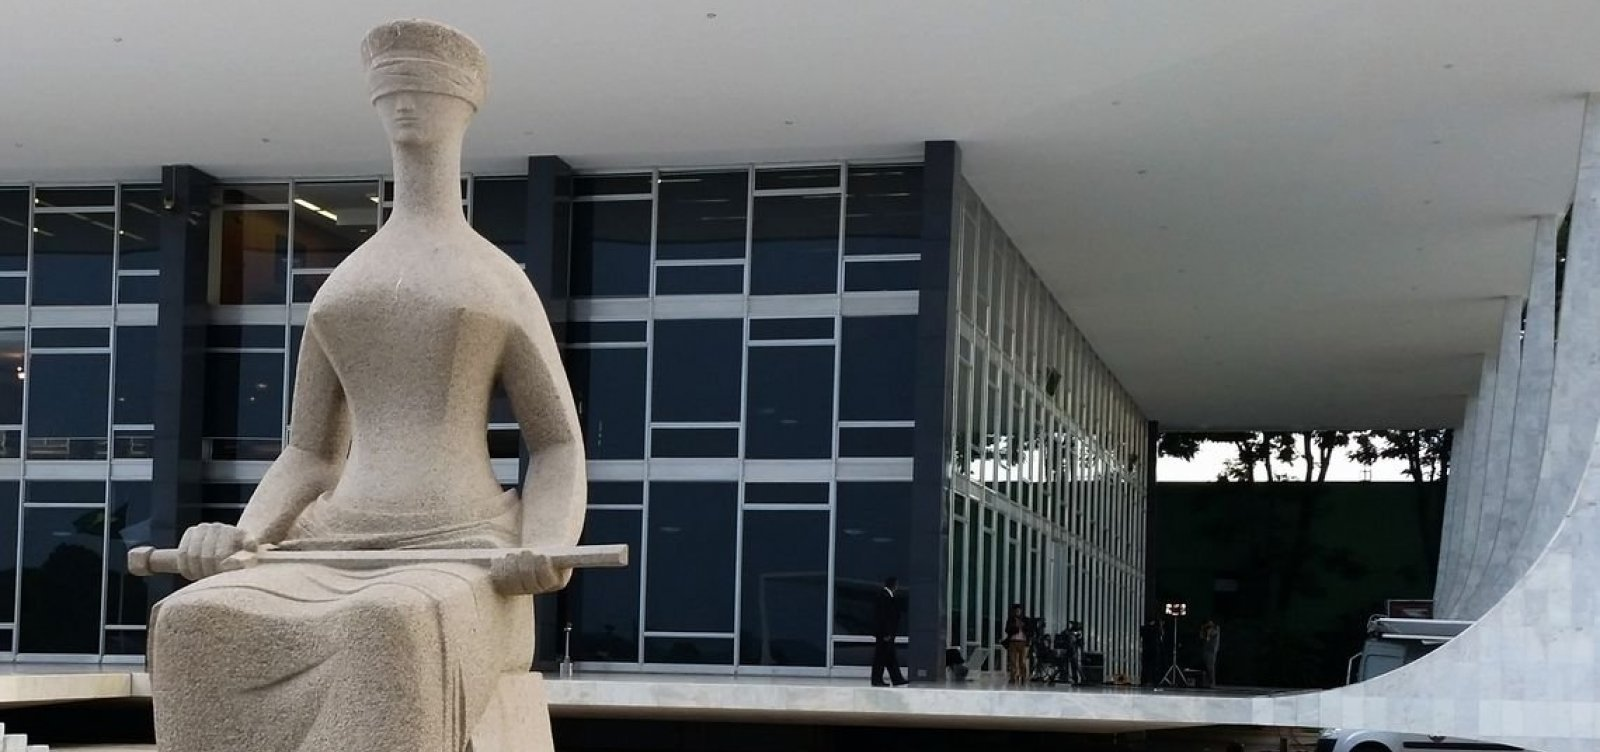 STF retoma julgamento sobre prisão após condenação em 2ª instância; acompanhe sessão